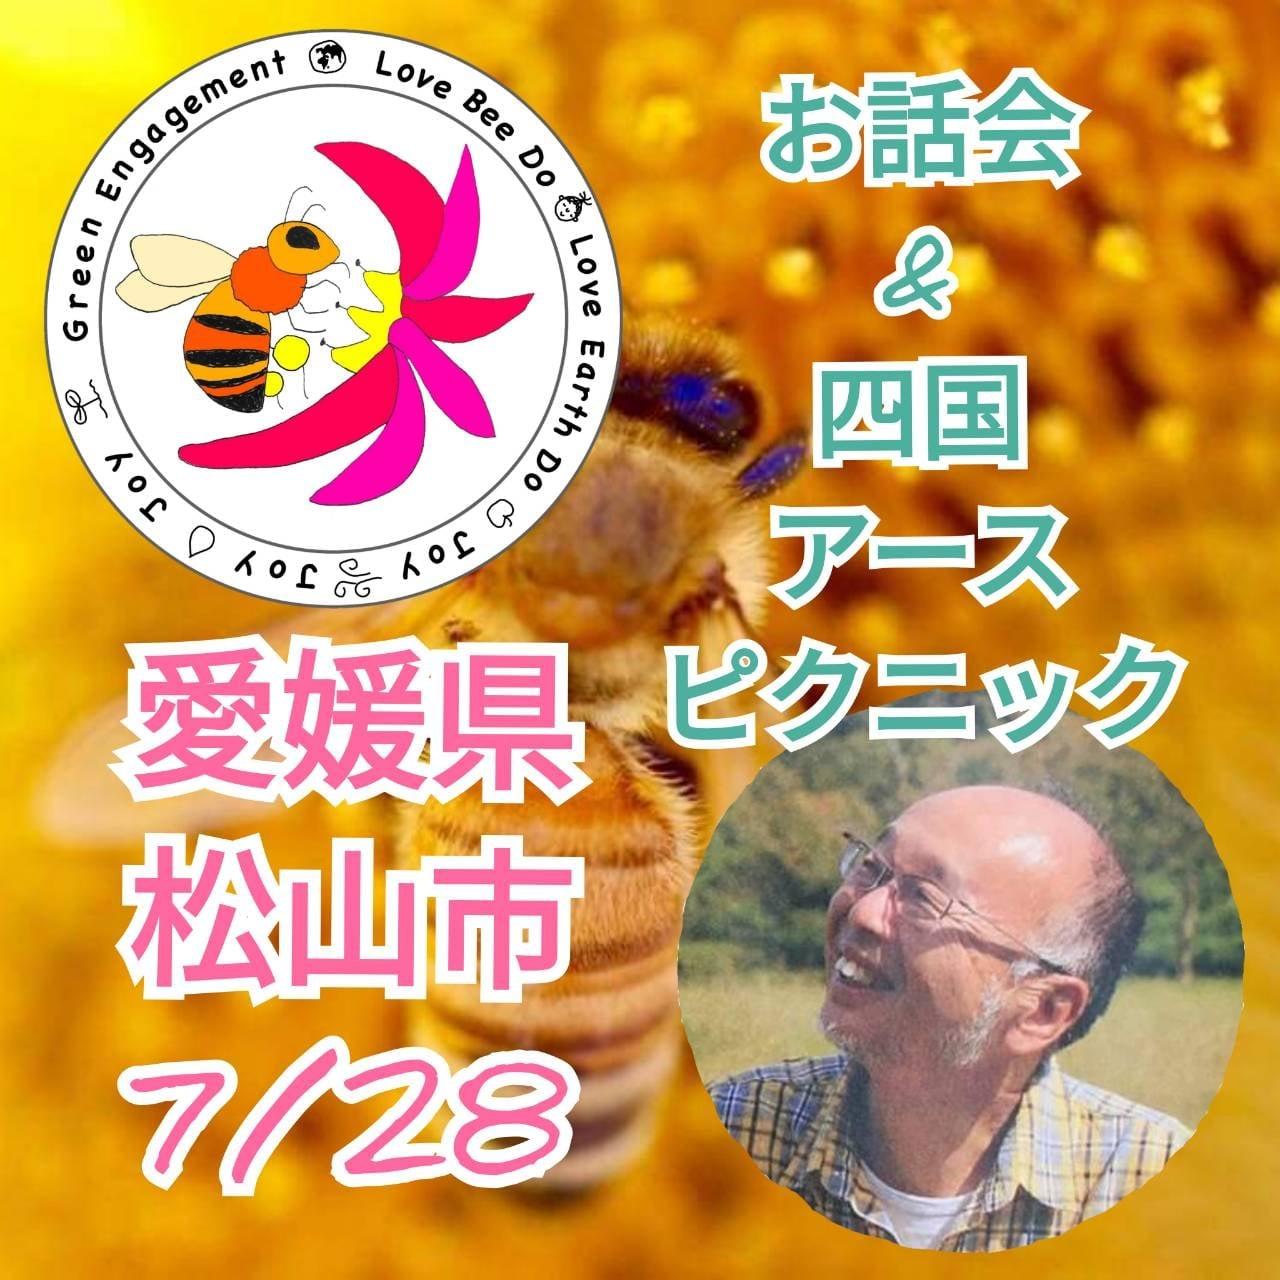 【午後の部】7月28日(日)愛媛県松山市 ハニーさんのお話会&四国アースピクニックのイメージその1